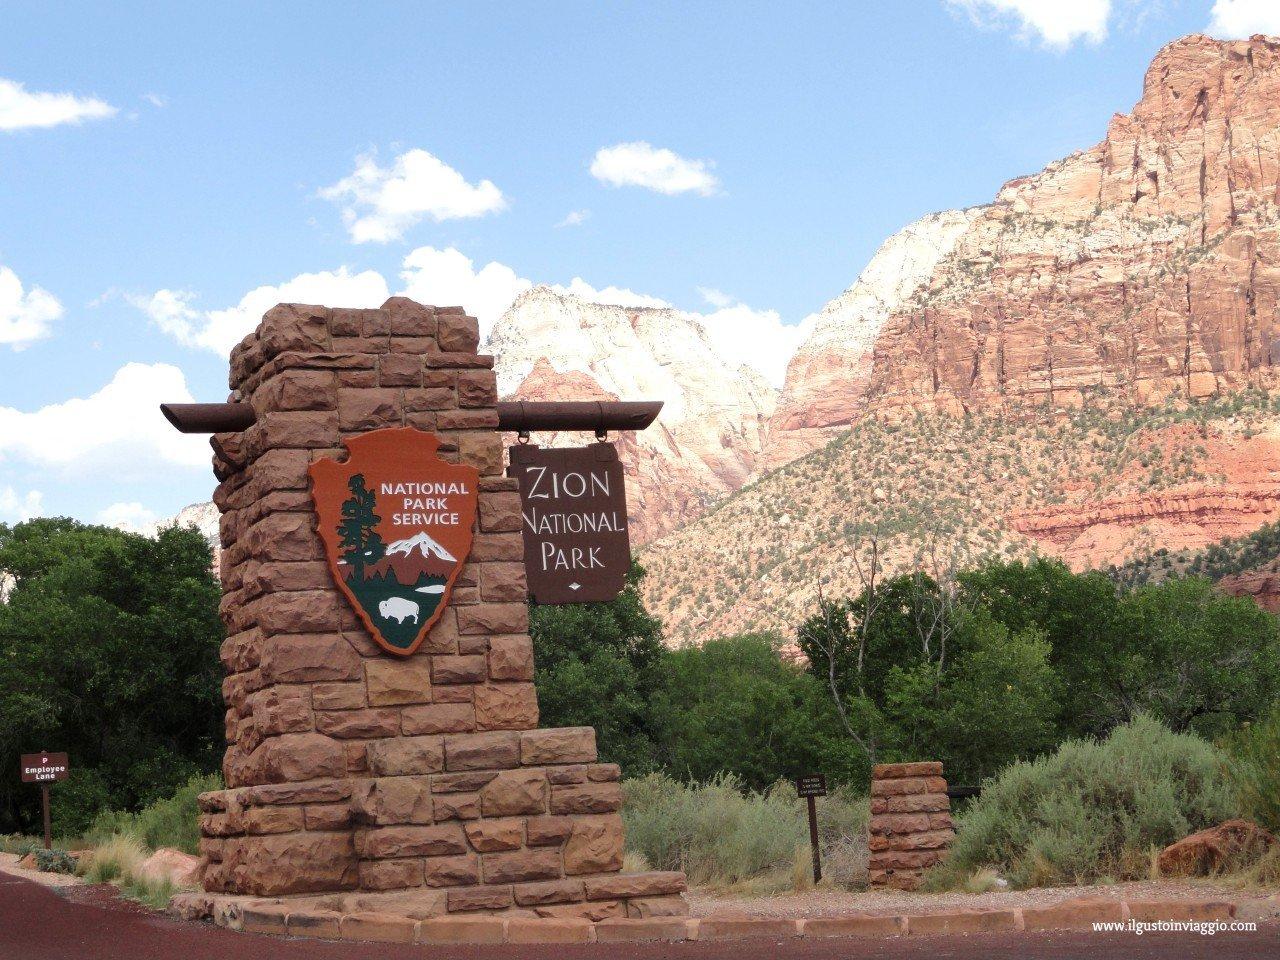 visitare lo zion national park, zion, ut 9, scenic drive usa